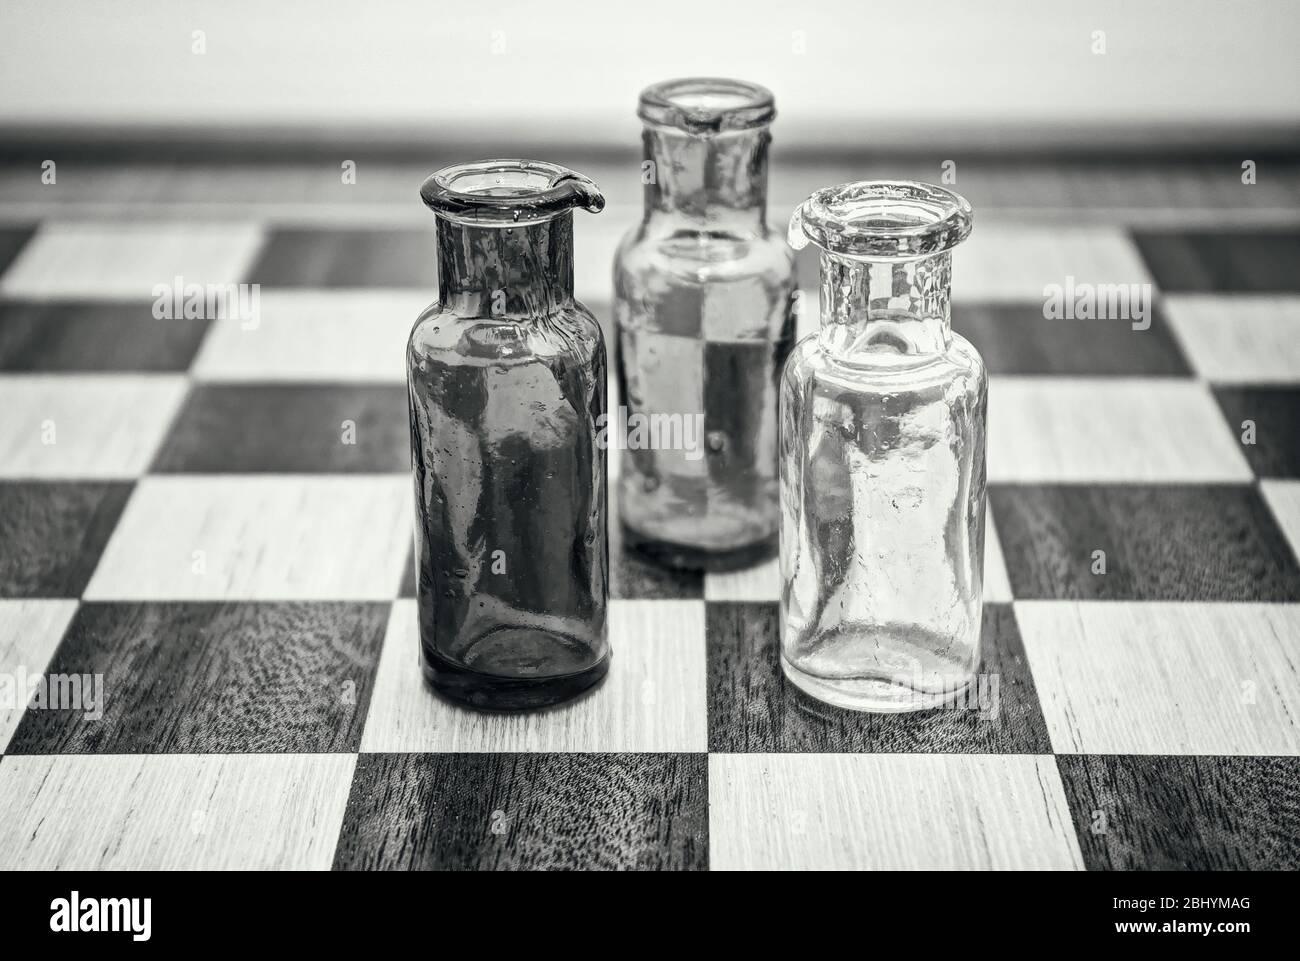 Drei Flaschen im Gespräch auf einem Schachbrett. Stockfoto